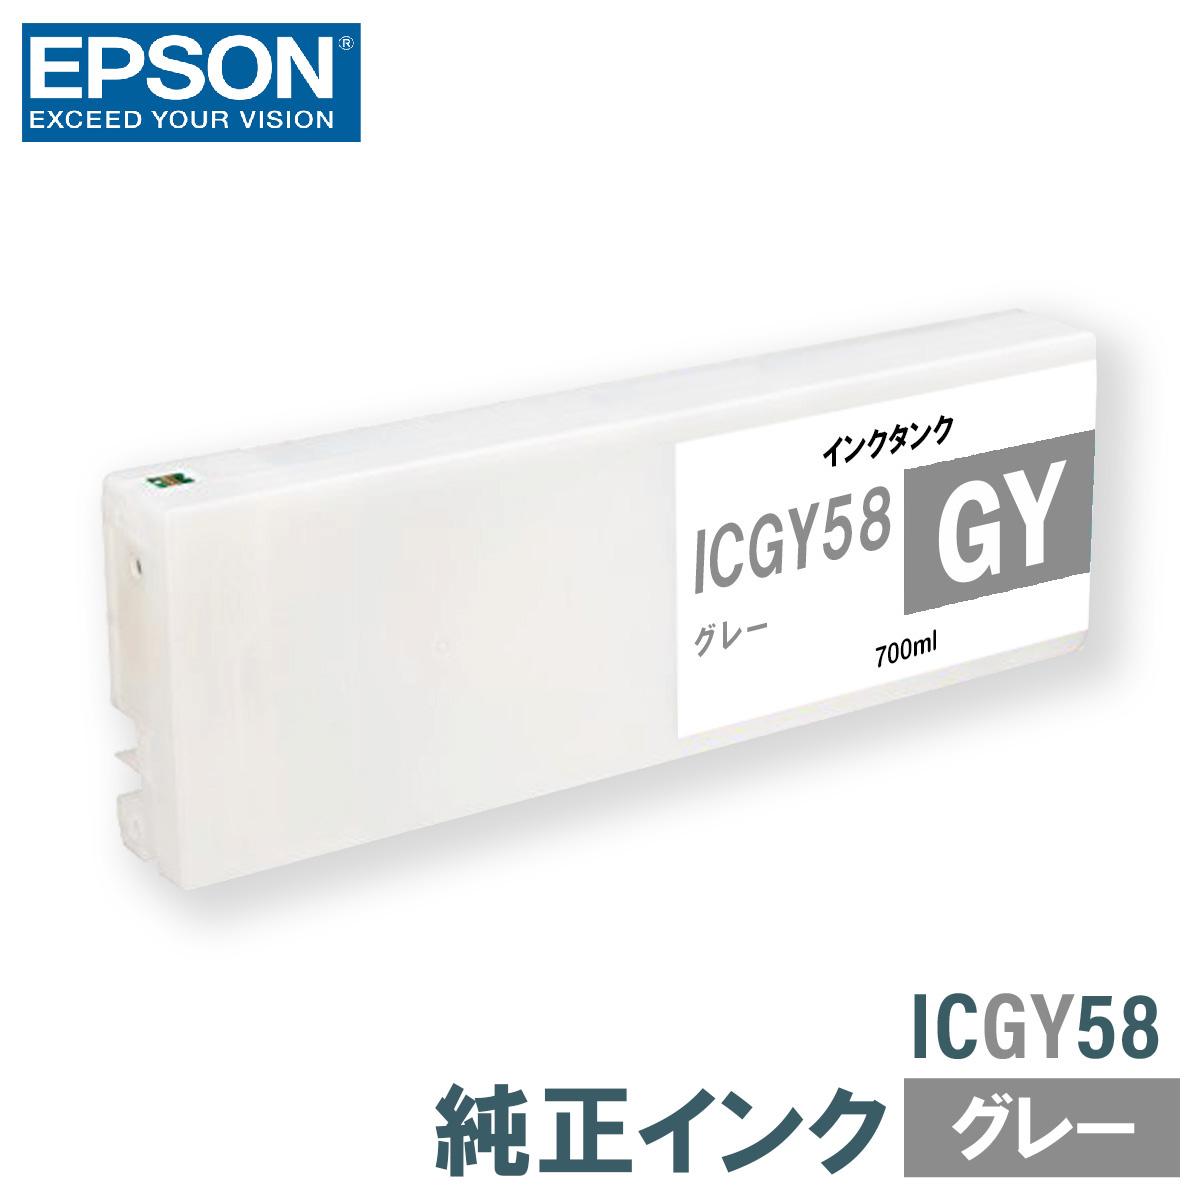 エプソン 純正インク EPSON ICGY58 グレー 700ml